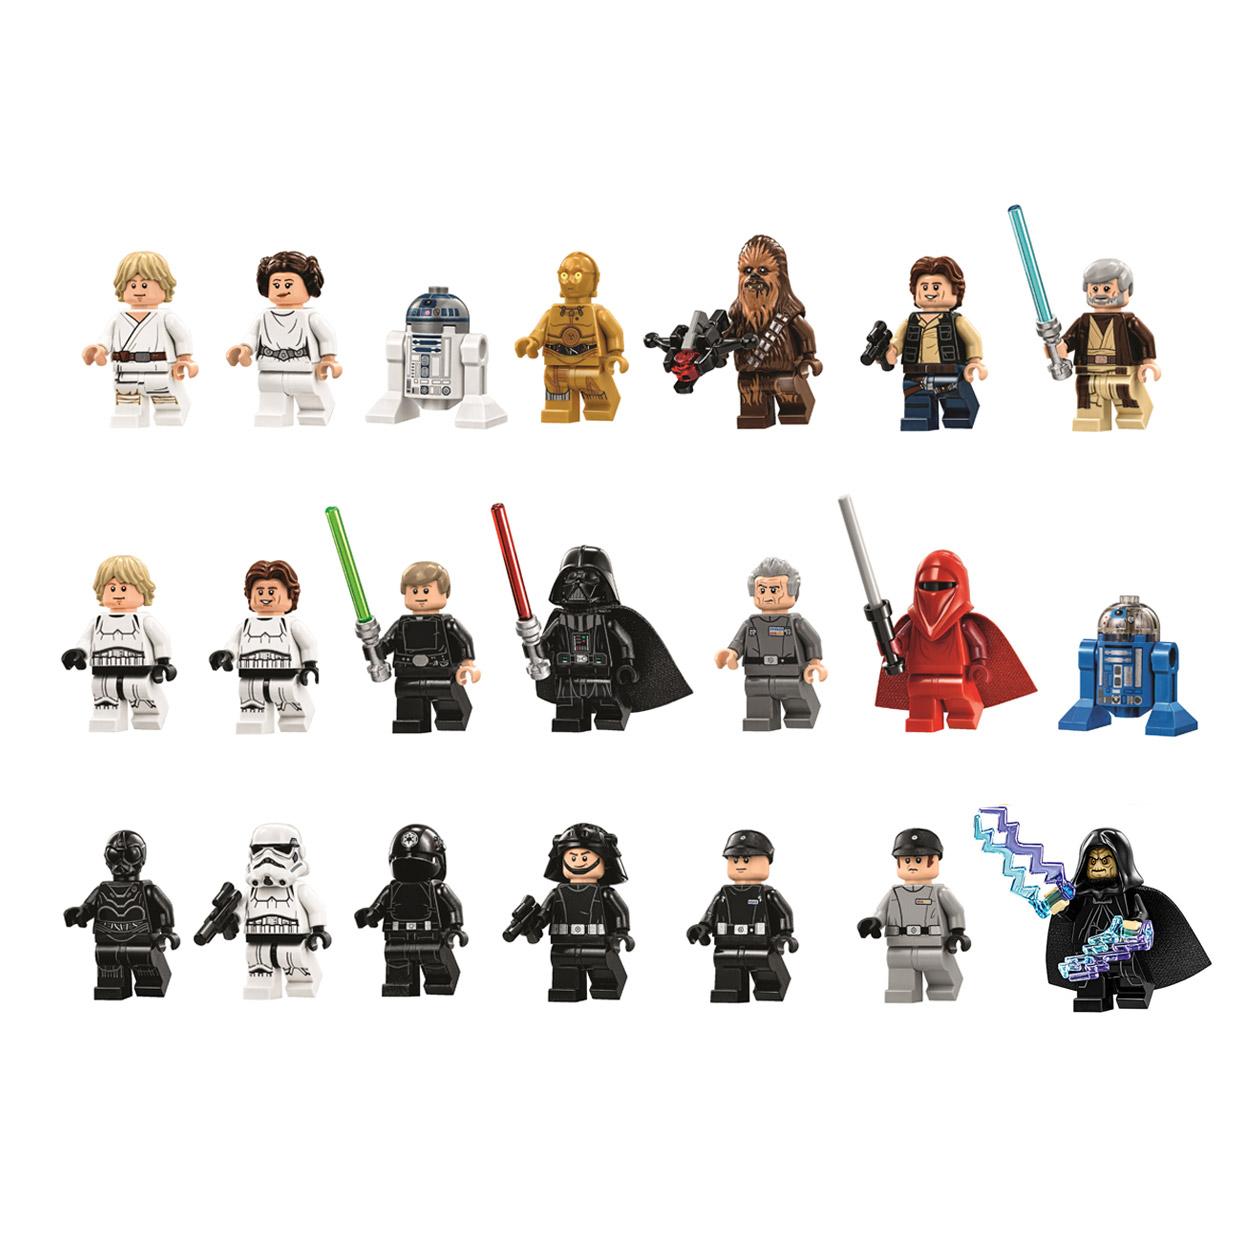 Wars™l'étoile Et Jouets Noire Lego® 75159 uc1Kl5FTJ3